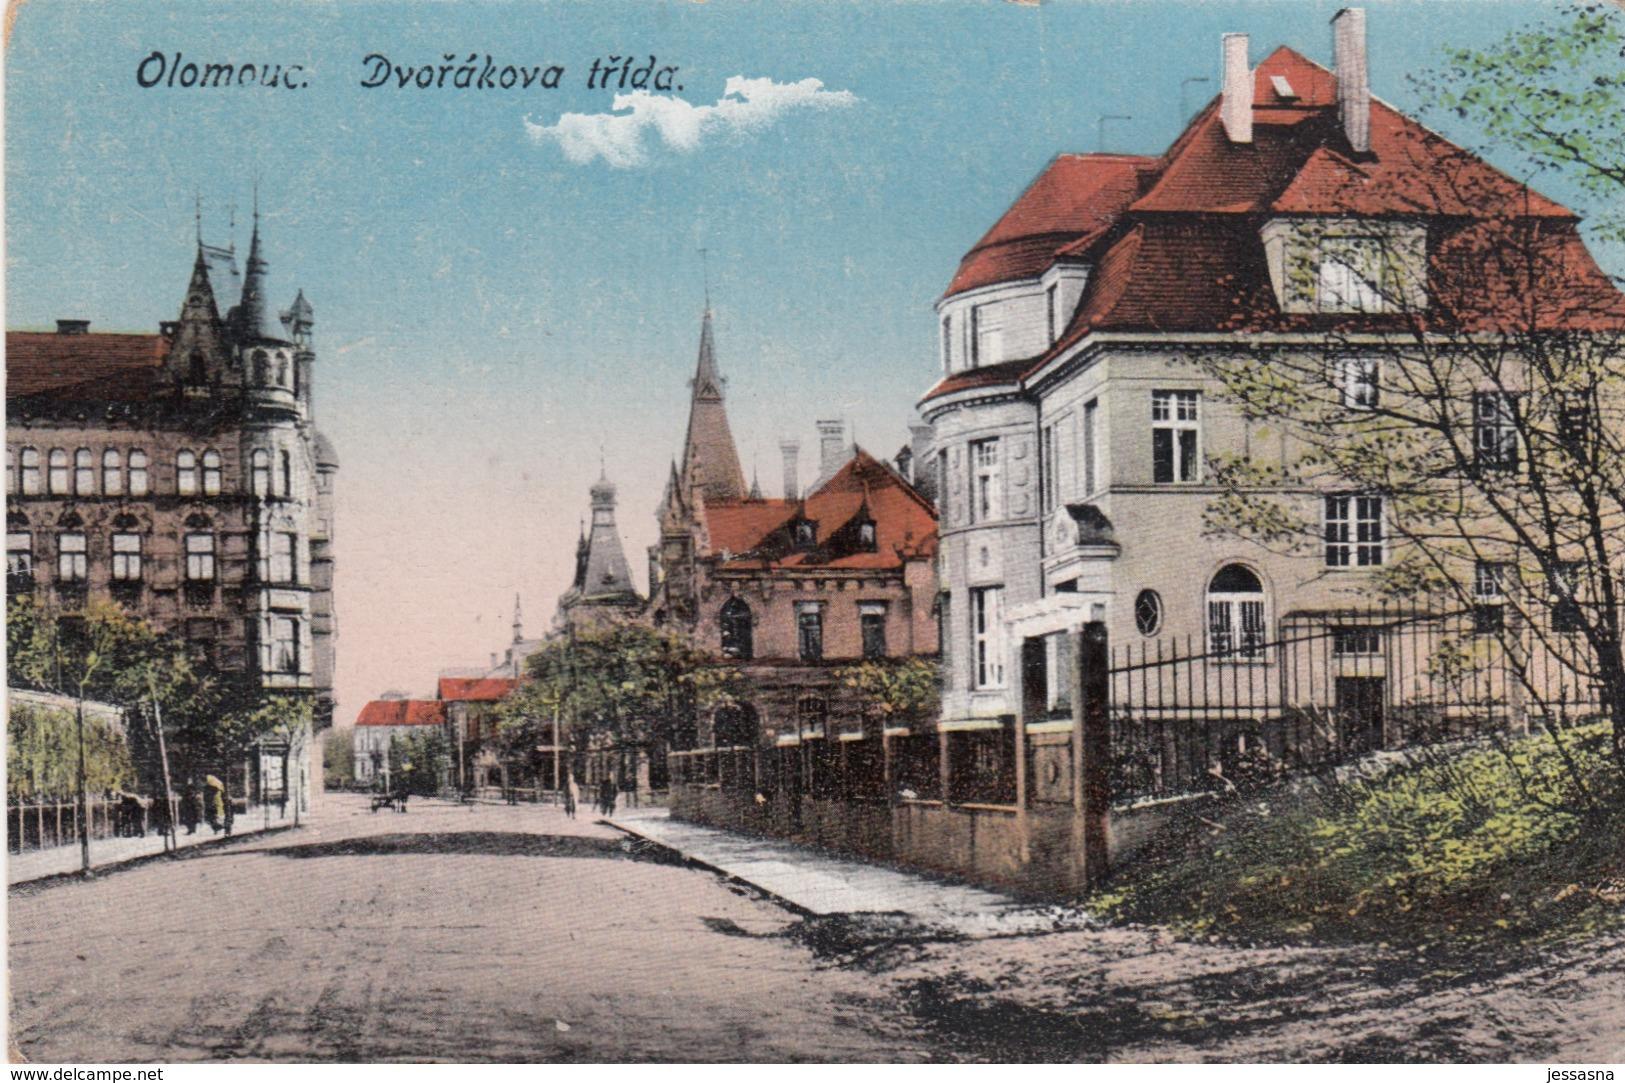 AK - Tschechien - Ölmütz - Ortsansicht - Dvorakova Trida - 1905 - Tschechische Republik